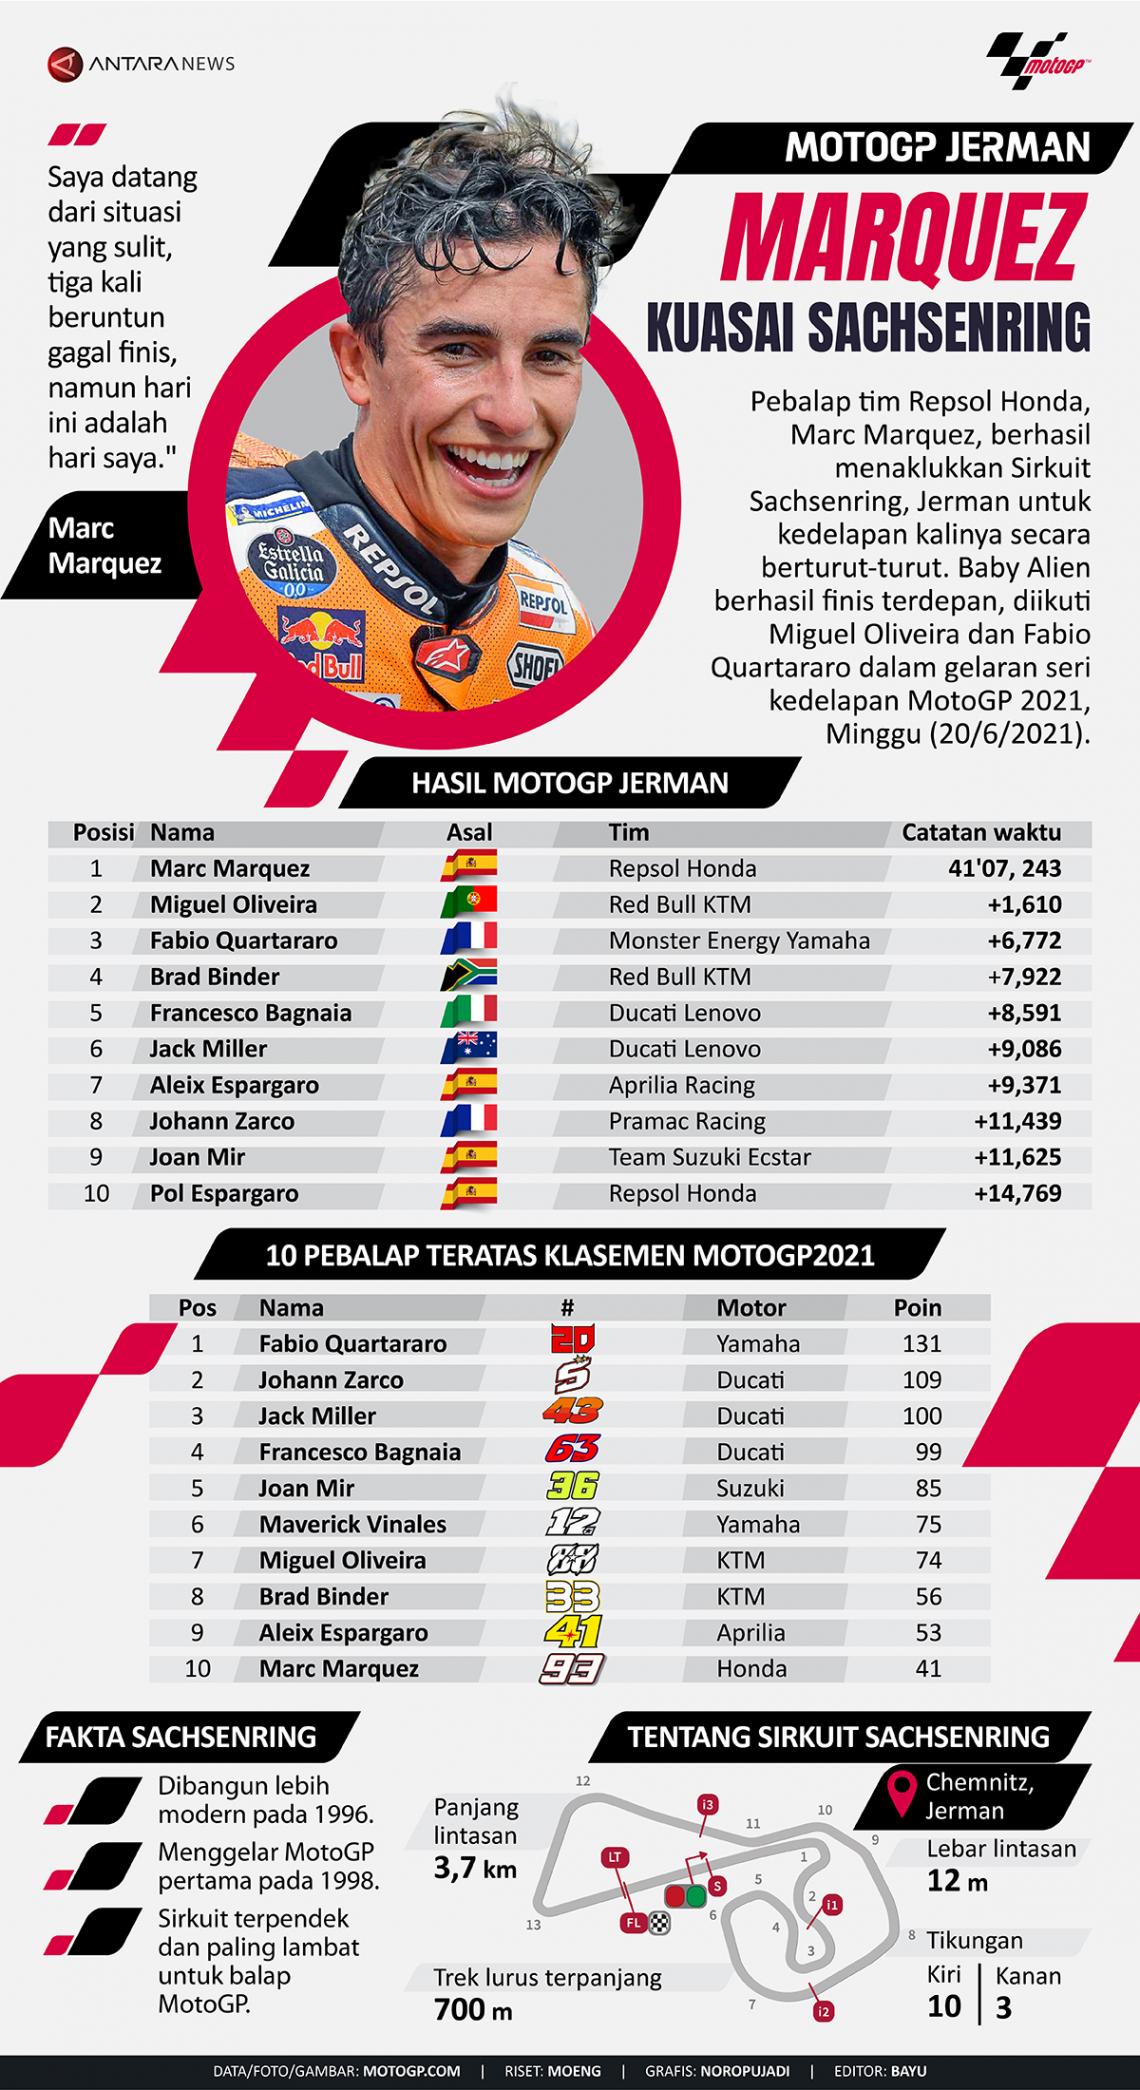 MotoGP Jerman: Marquez kuasai Sachsenring